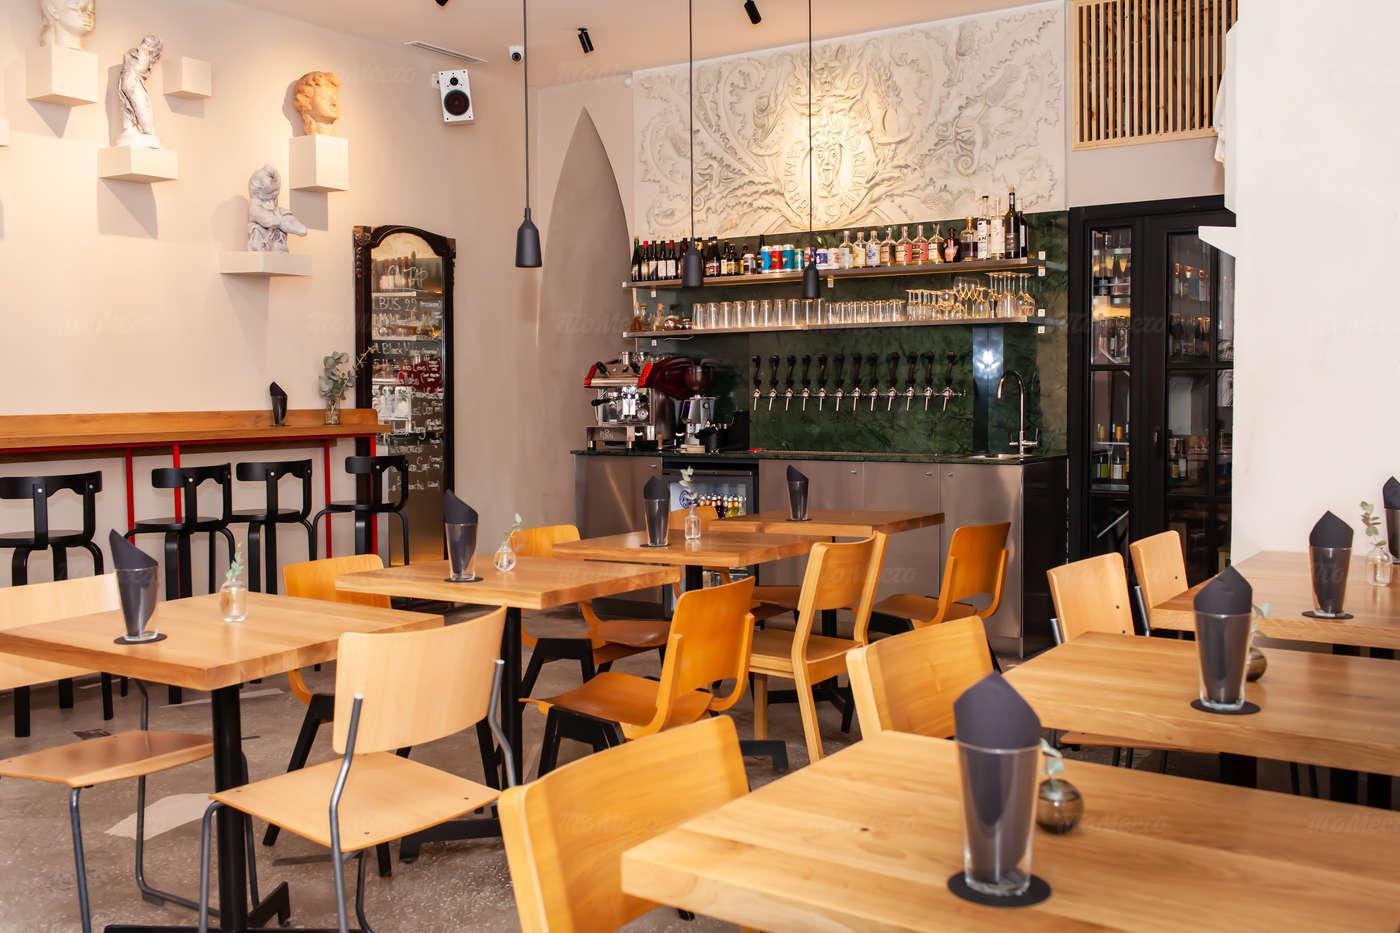 Банкеты ресторана Camorra Chimerica на Малом проспекте П.С. фото 9